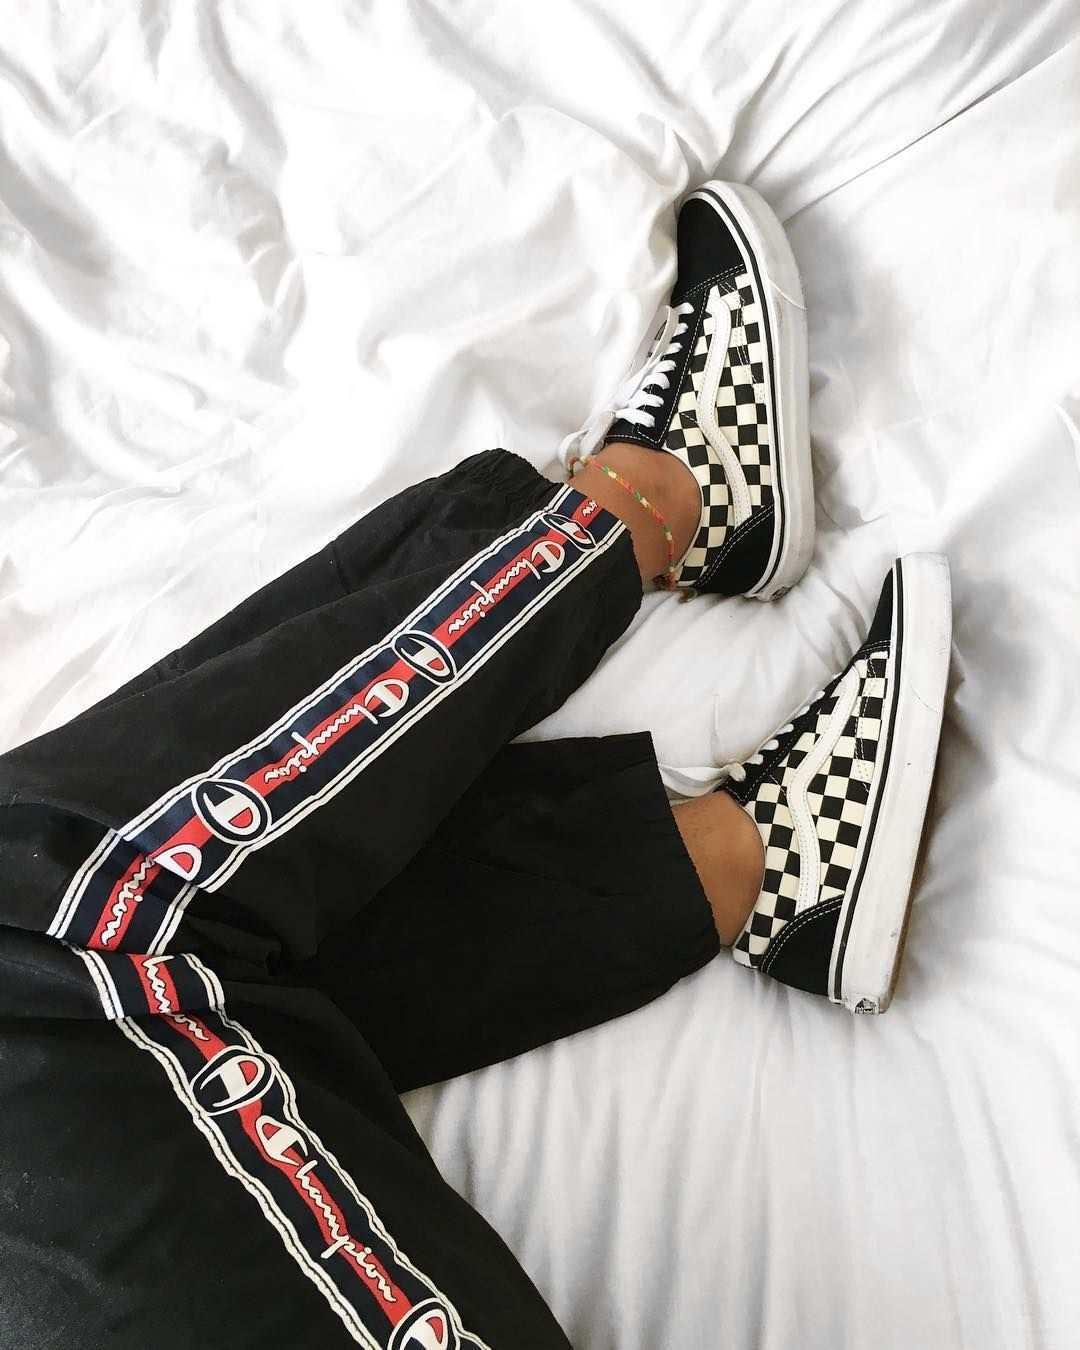 Vans Old Skool Checkerboard Vor 10 Jahren Konnte Uns Kaum Ein Style So Begeistern Wie Das Checkerboard Muster Von Vans Vans Old Skool Modestil Vans Schuhe